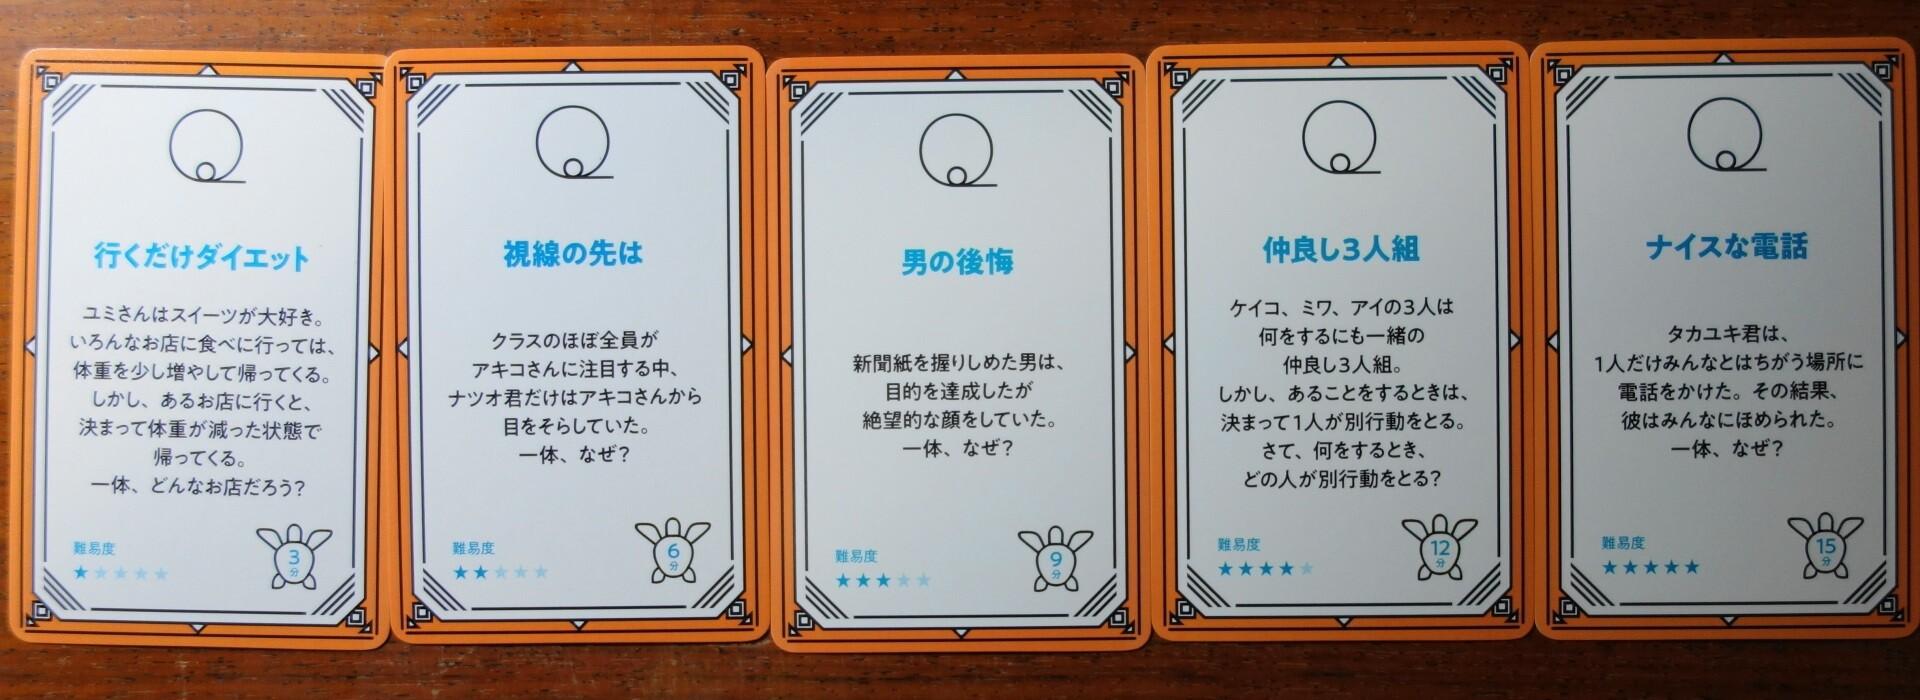 ウミガメのスープのカード表にある問題例